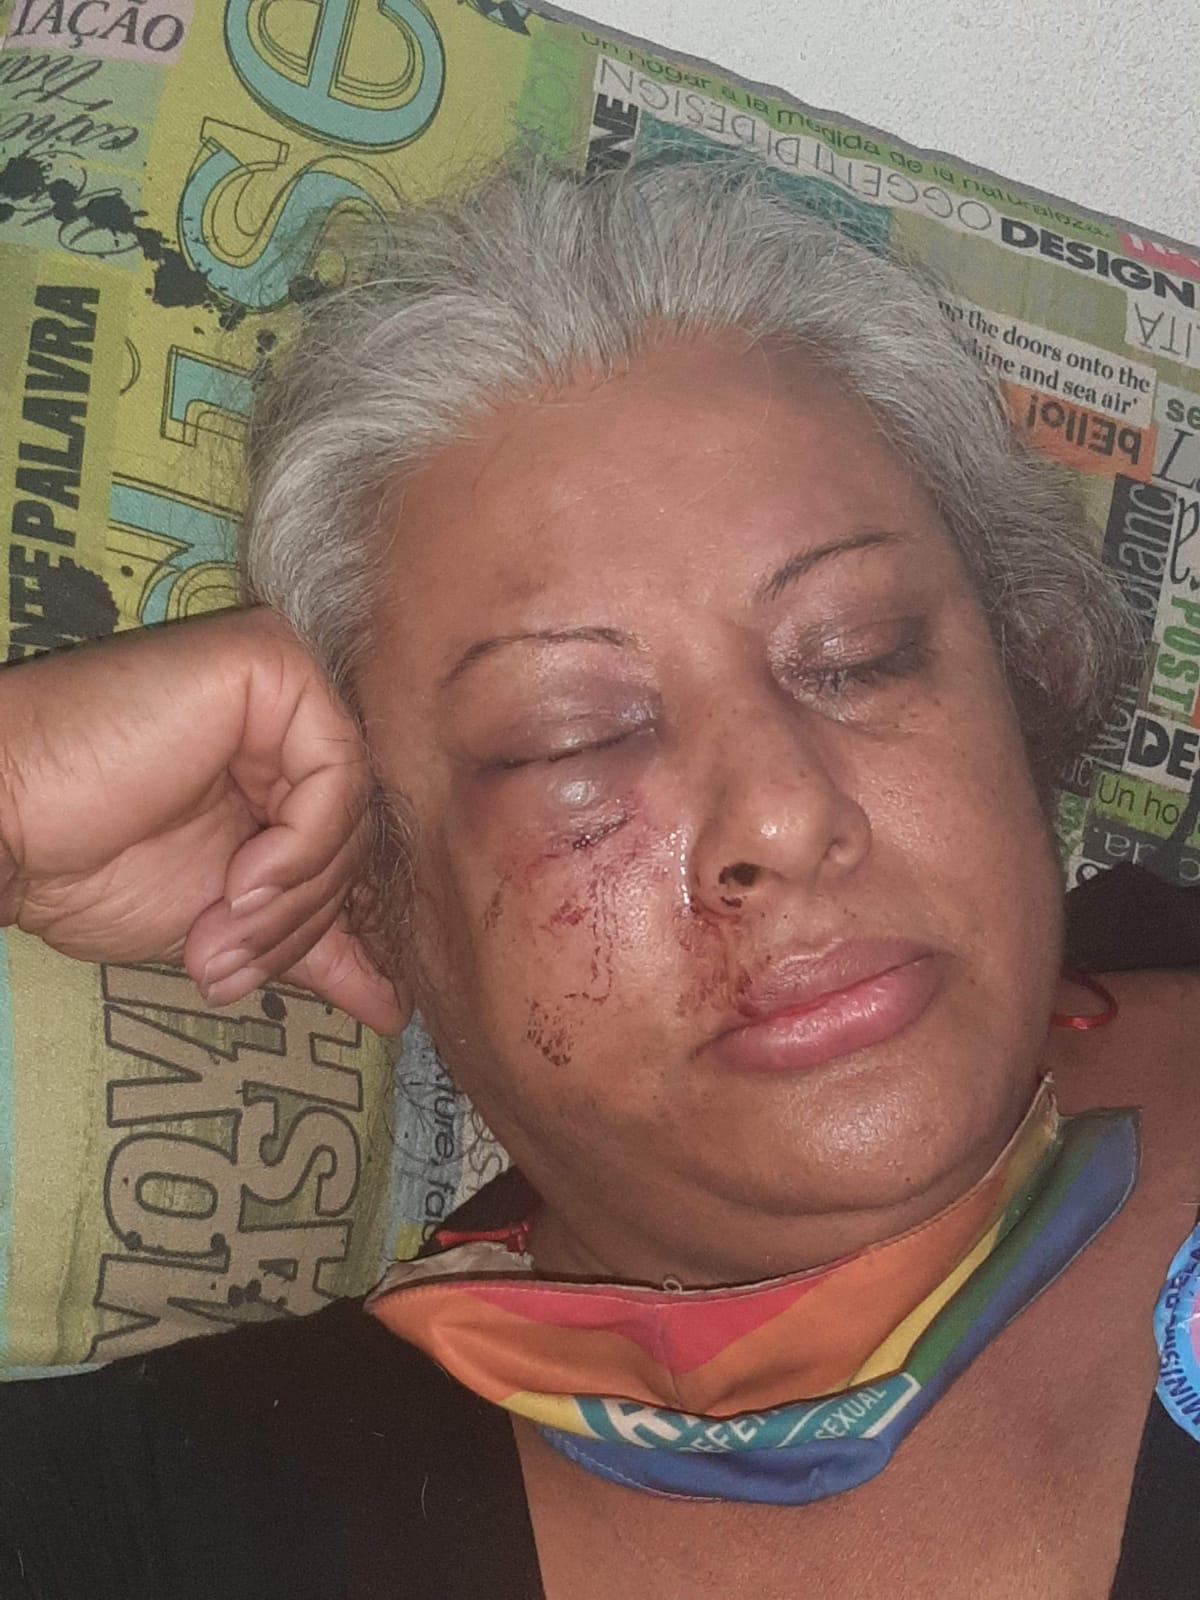 Rosto de Indianarae Siqueira após as agressões